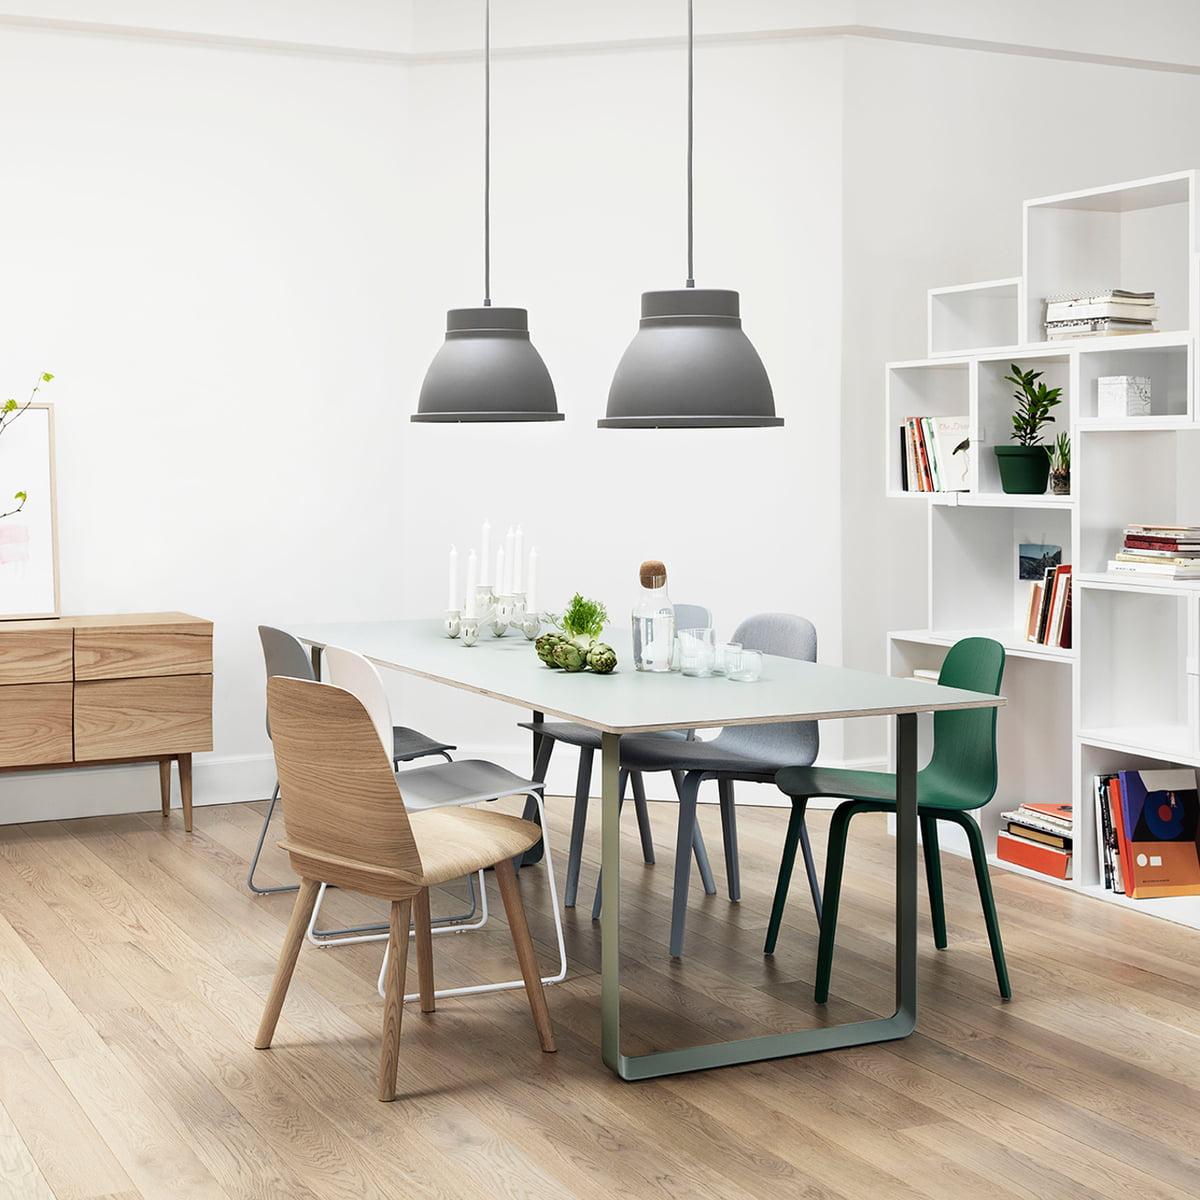 nerd chair von muuto connox shop. Black Bedroom Furniture Sets. Home Design Ideas